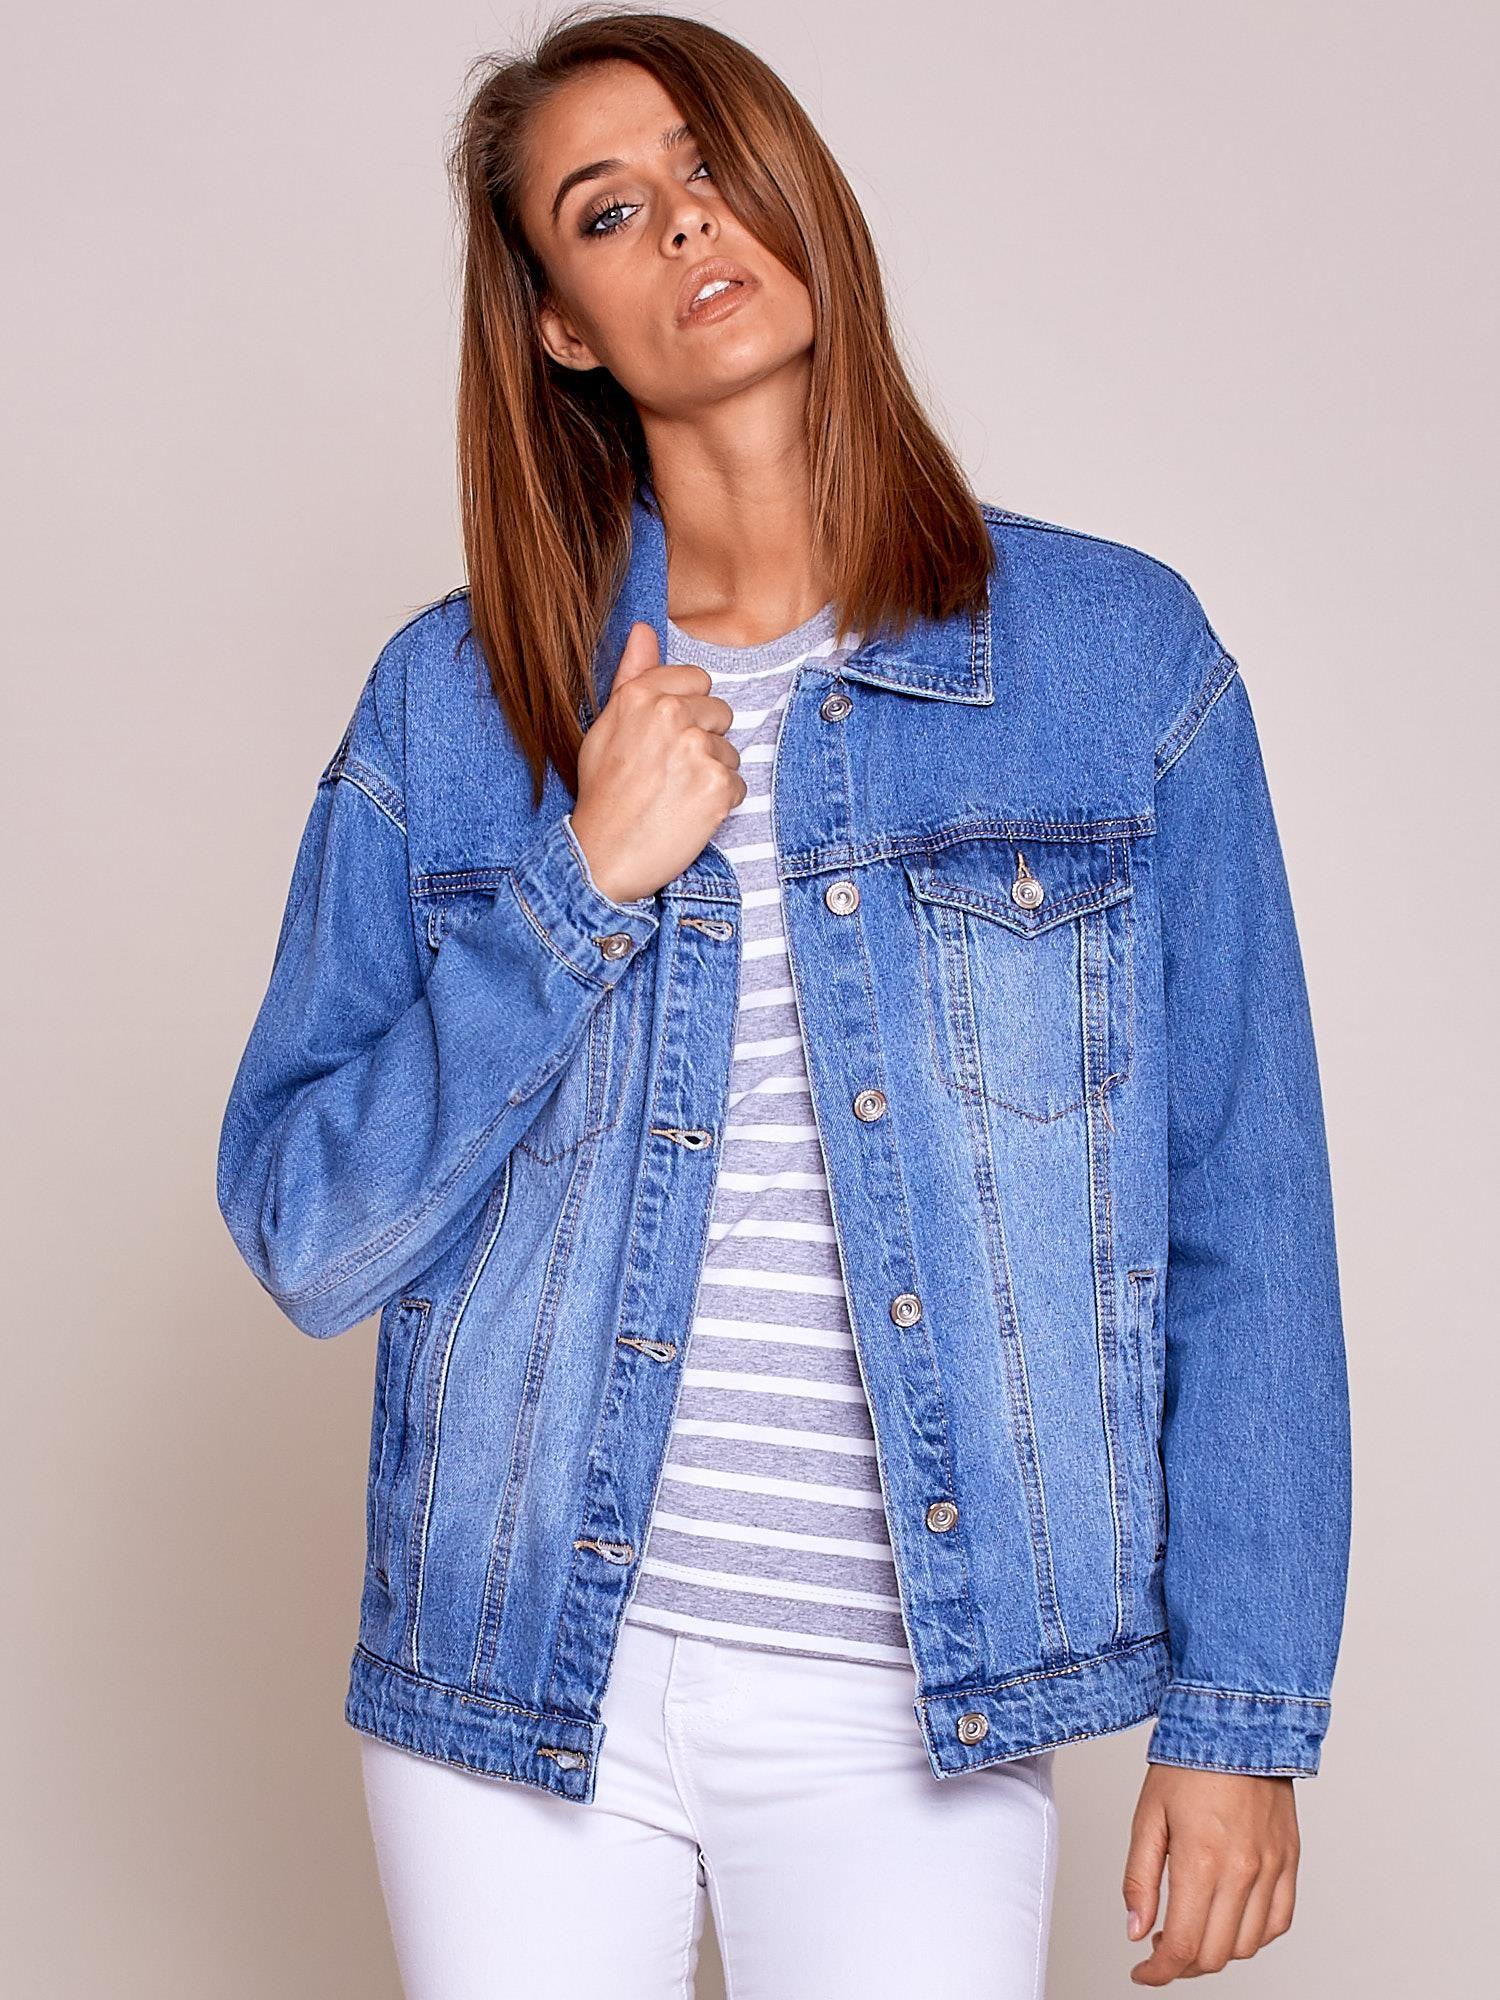 8910e8fffca15 Niebieska damska kurtka jeansowa - Kurtka jeansowa - sklep eButik.pl